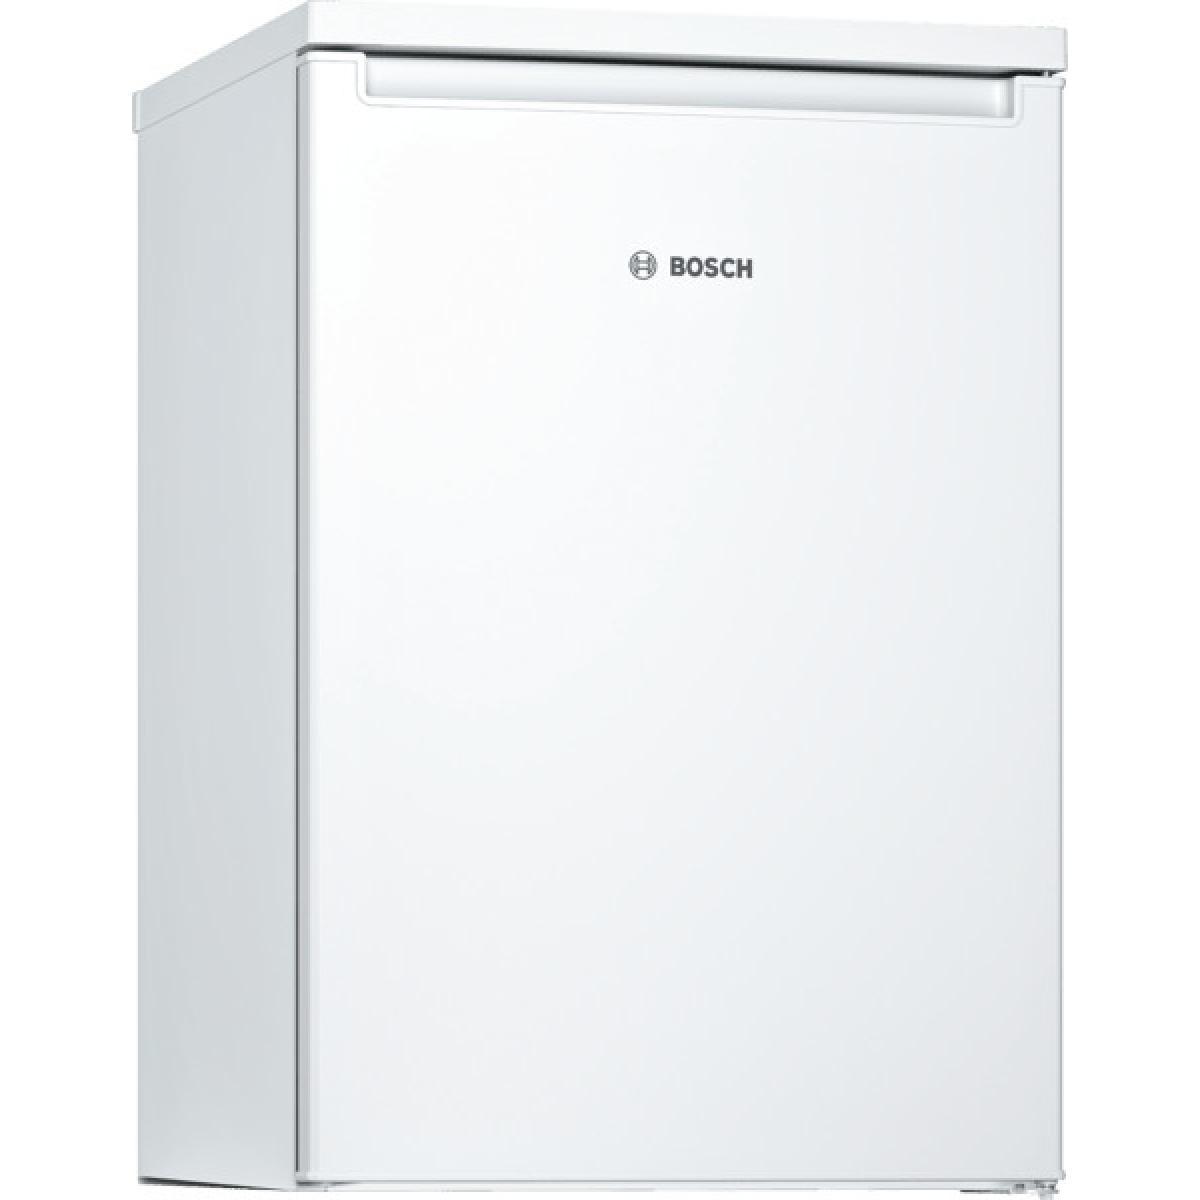 Bosch Réfrigérateur table top 120L Froid Statique BOSCH 56cm, KTL15NWFA